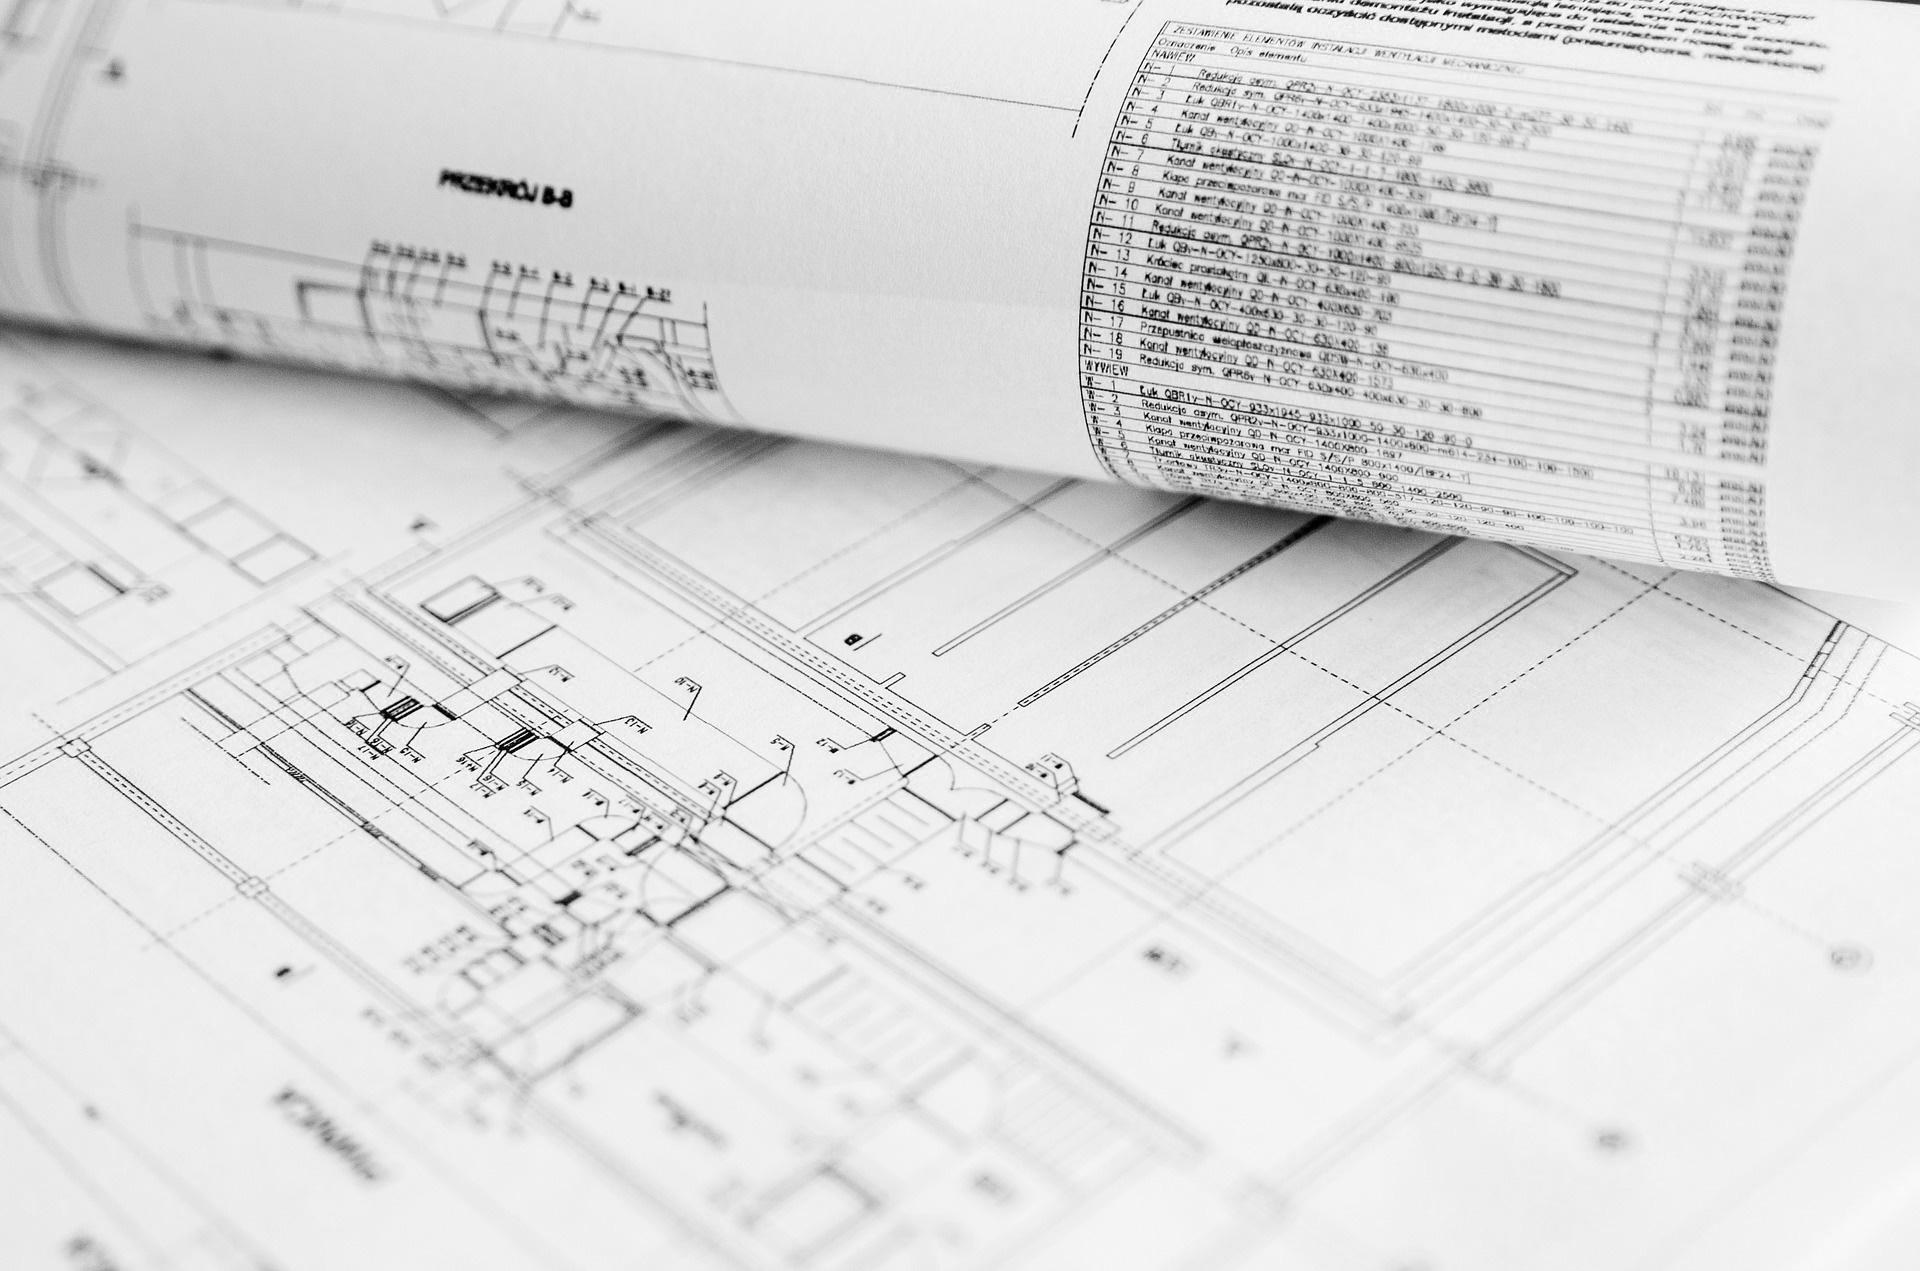 施工管理 システム| 建築業界の業務管理なら【アイピア】